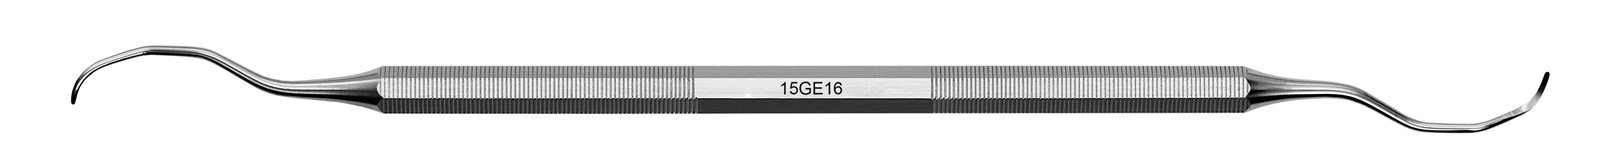 Kyreta Gracey Classic - 15GE16, ADEP silikonový návlek červený